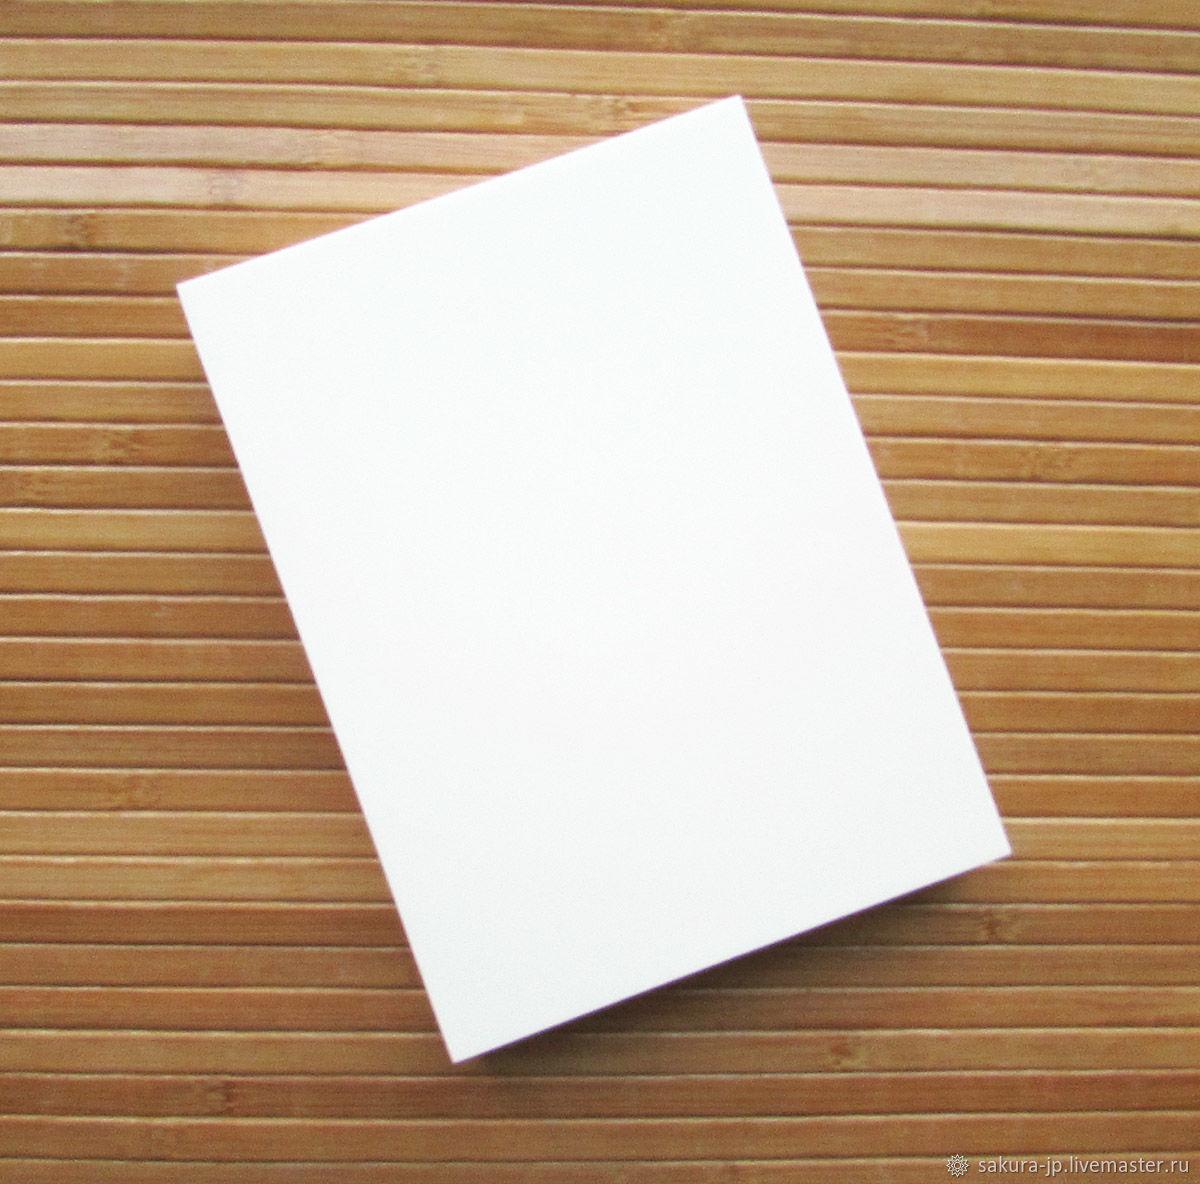 Жесткий коврик (подушечка) для цветоделия, белый большой 19х14х2 см, Инструменты для флористики, Хмельницкий,  Фото №1